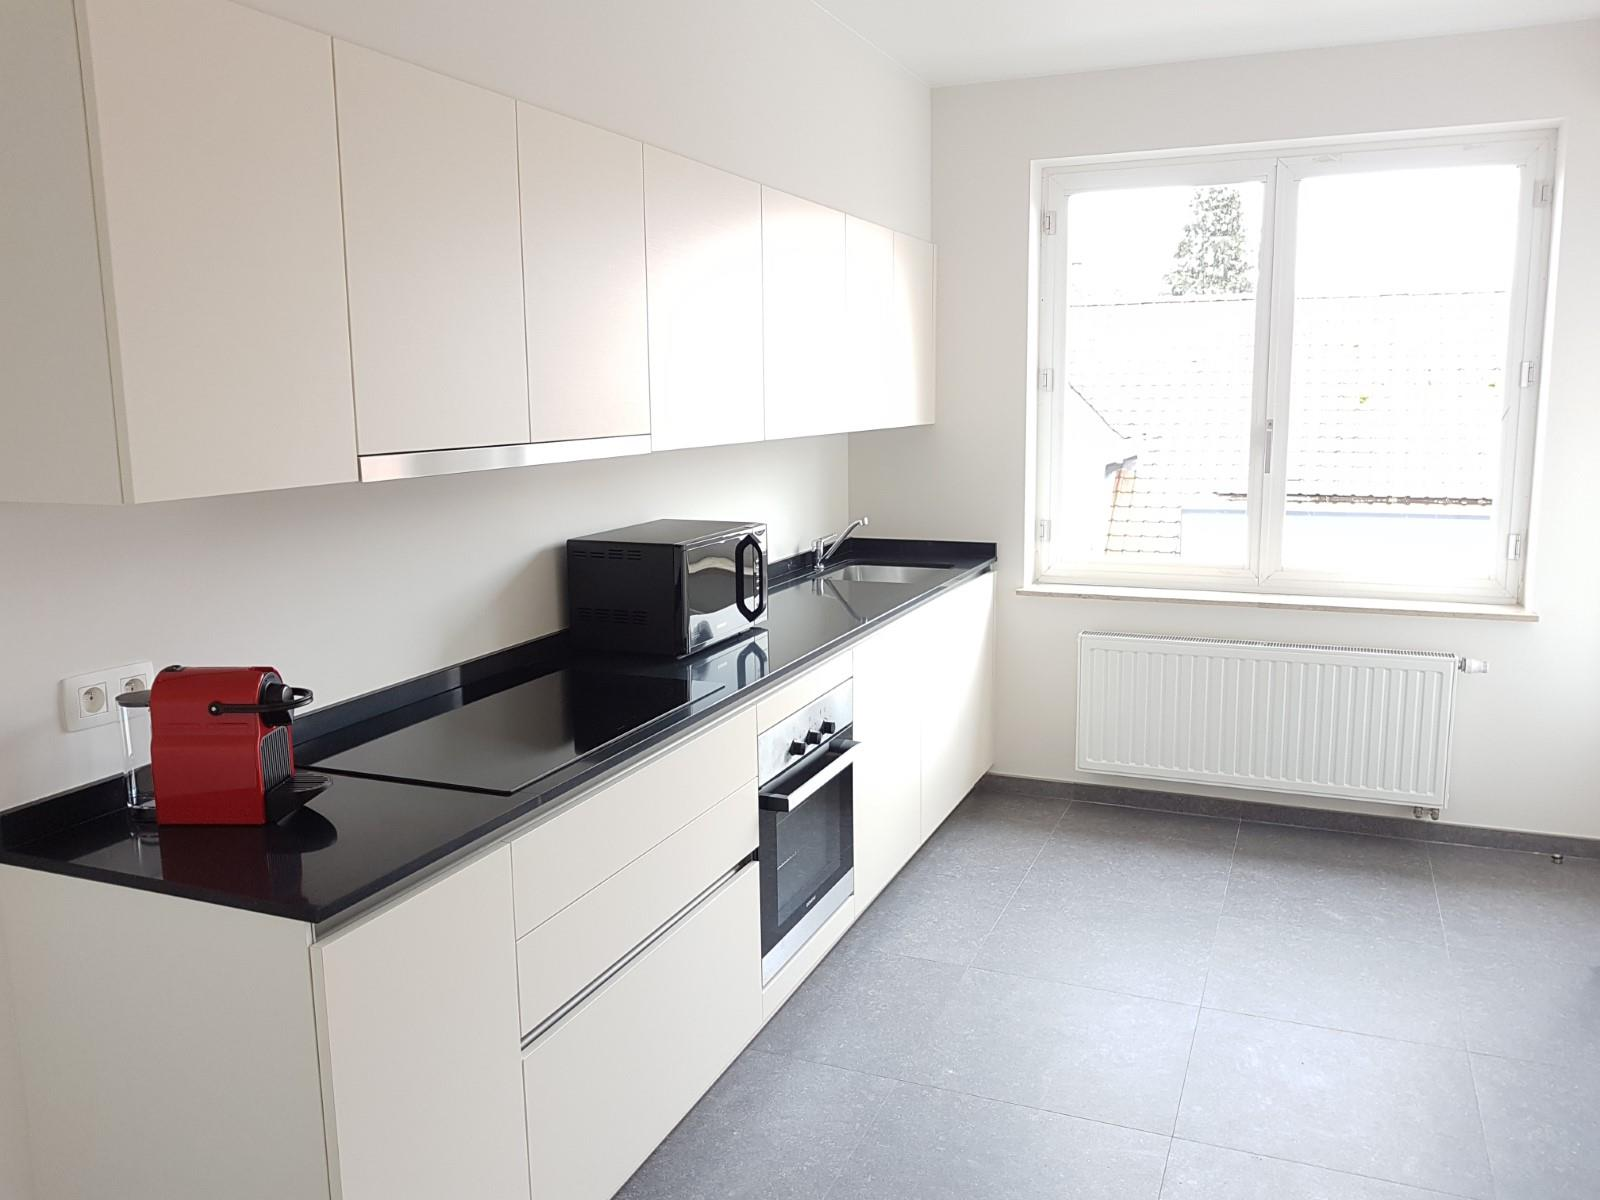 Appartement - Rhode-Saint-Genèse - #4185053-14